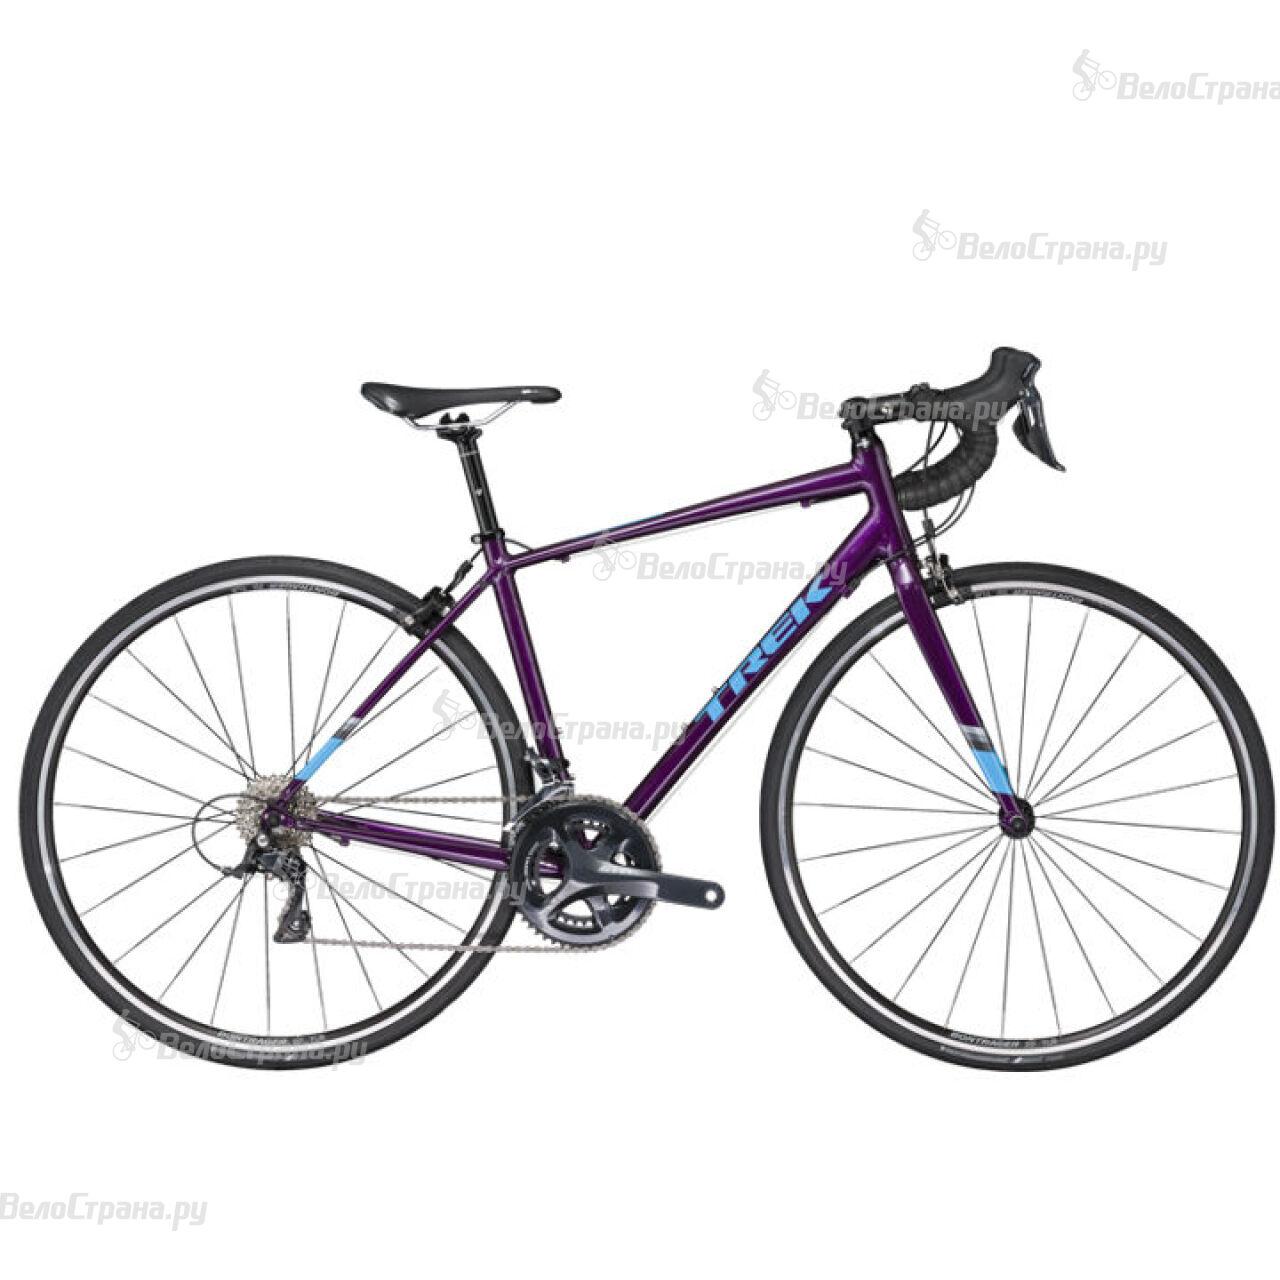 Велосипед Trek Lexa 3 (2017) велосипед trek lexa s 2013